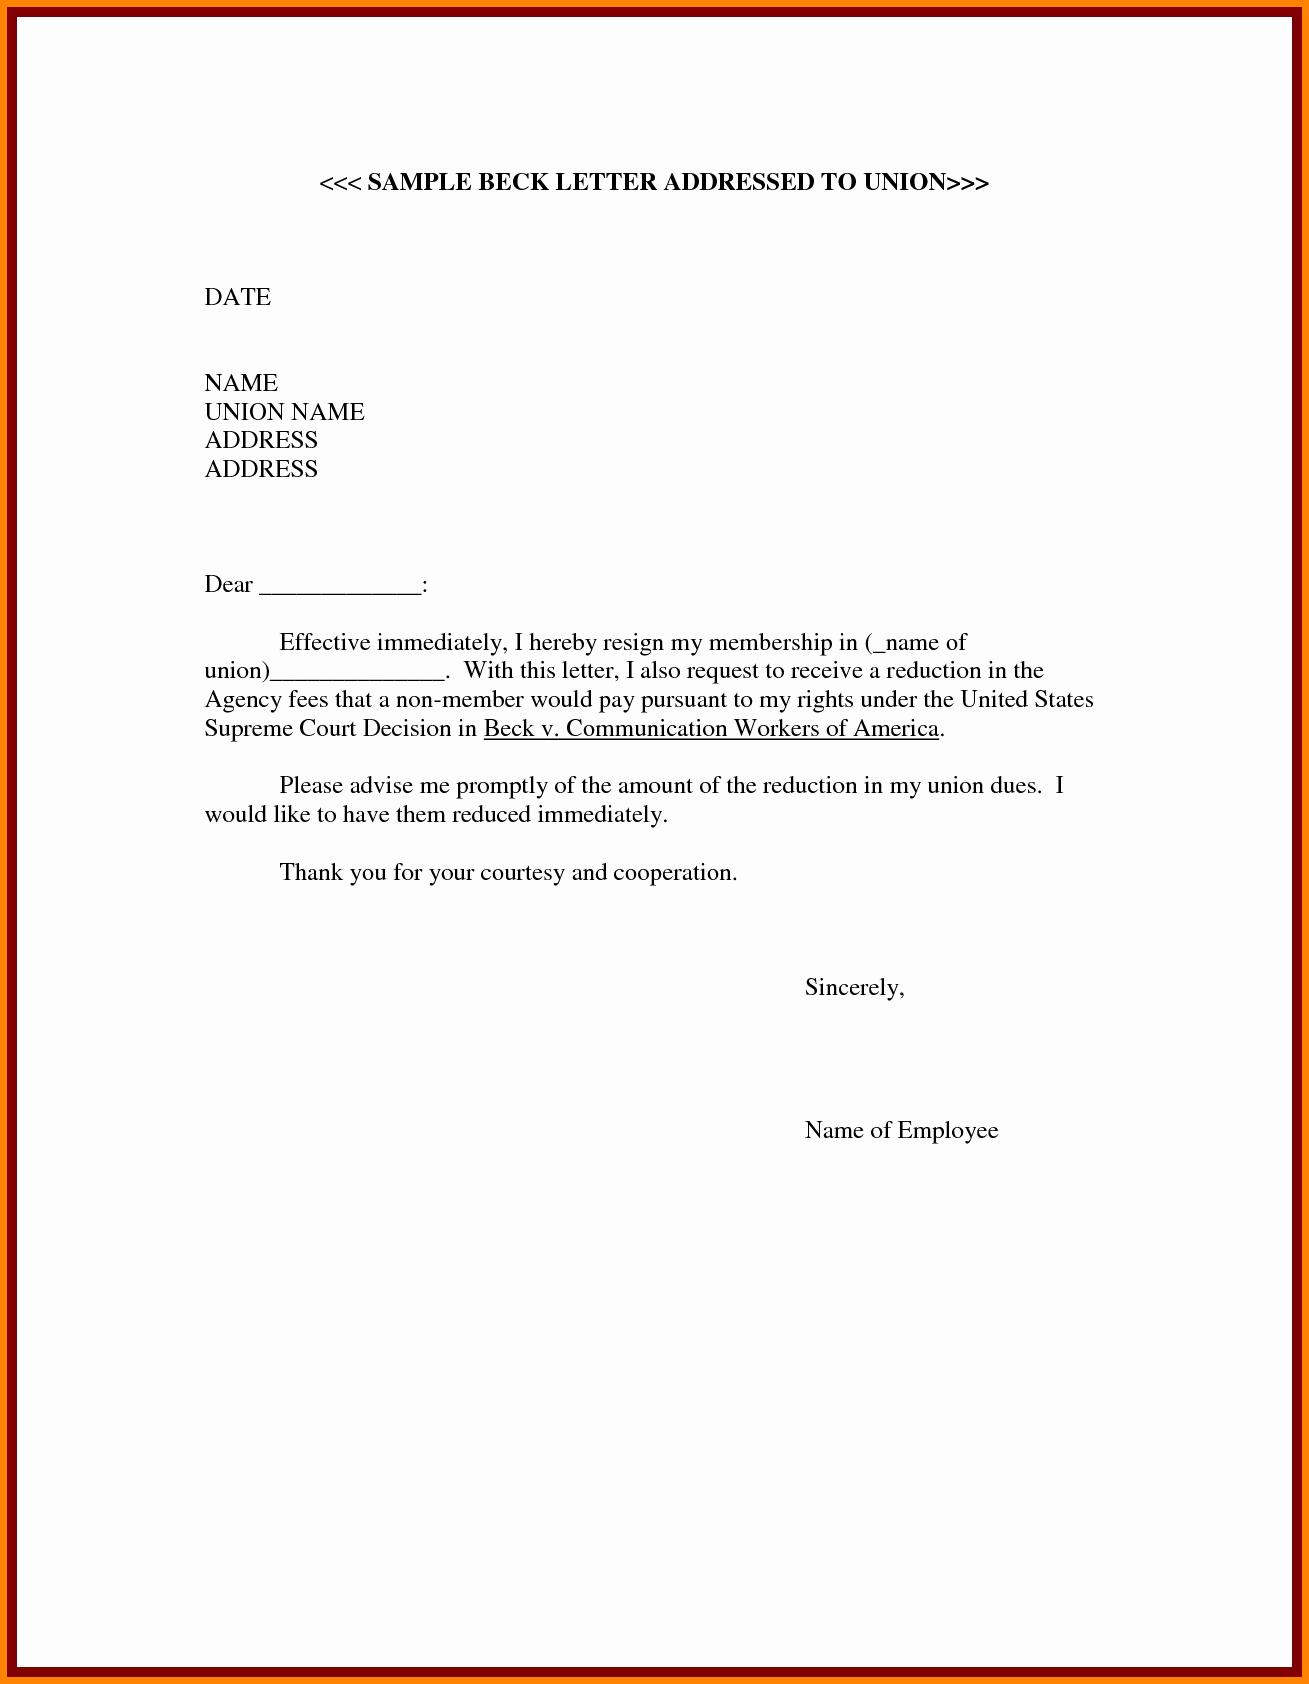 Resignation Letter Effective Immediately Elegant 6 Effective Immediately Resignation